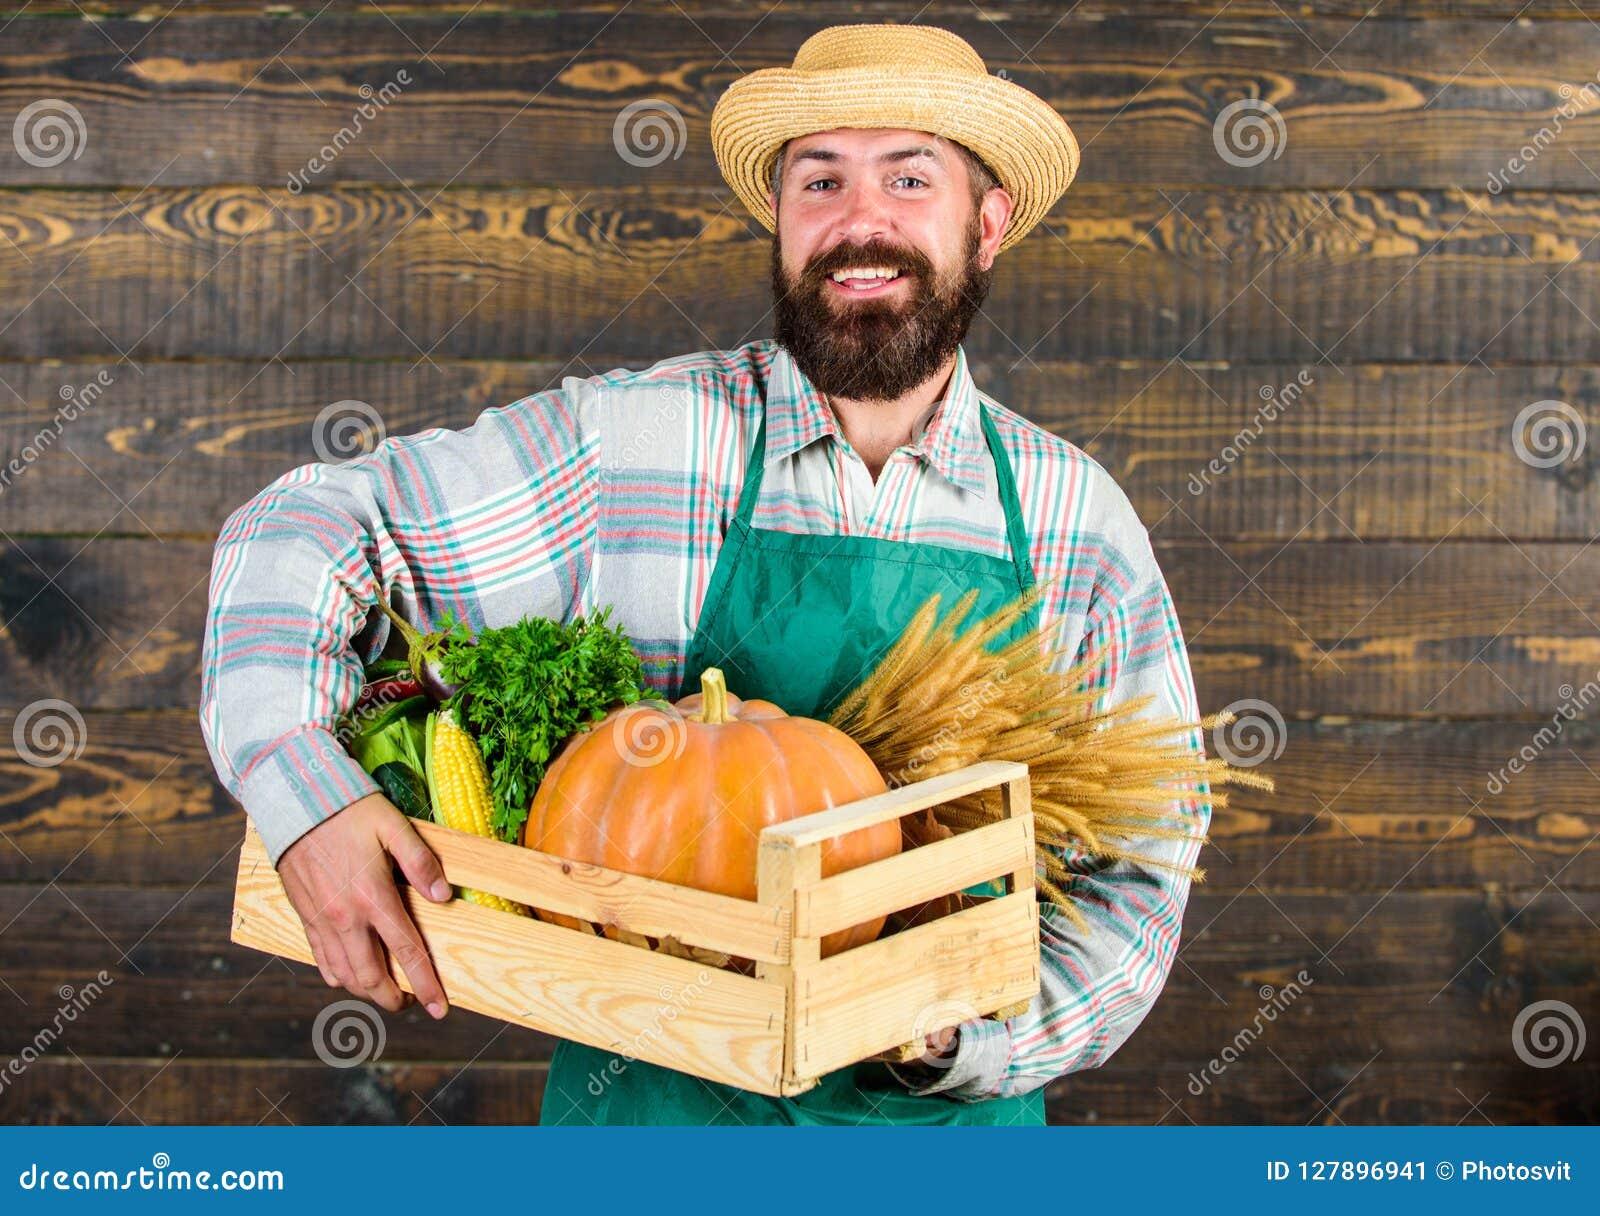 Hemsändning för nya grönsaker Ny organisk grönsakask Hatten för bondehipstersugrör levererar nya grönsaker man